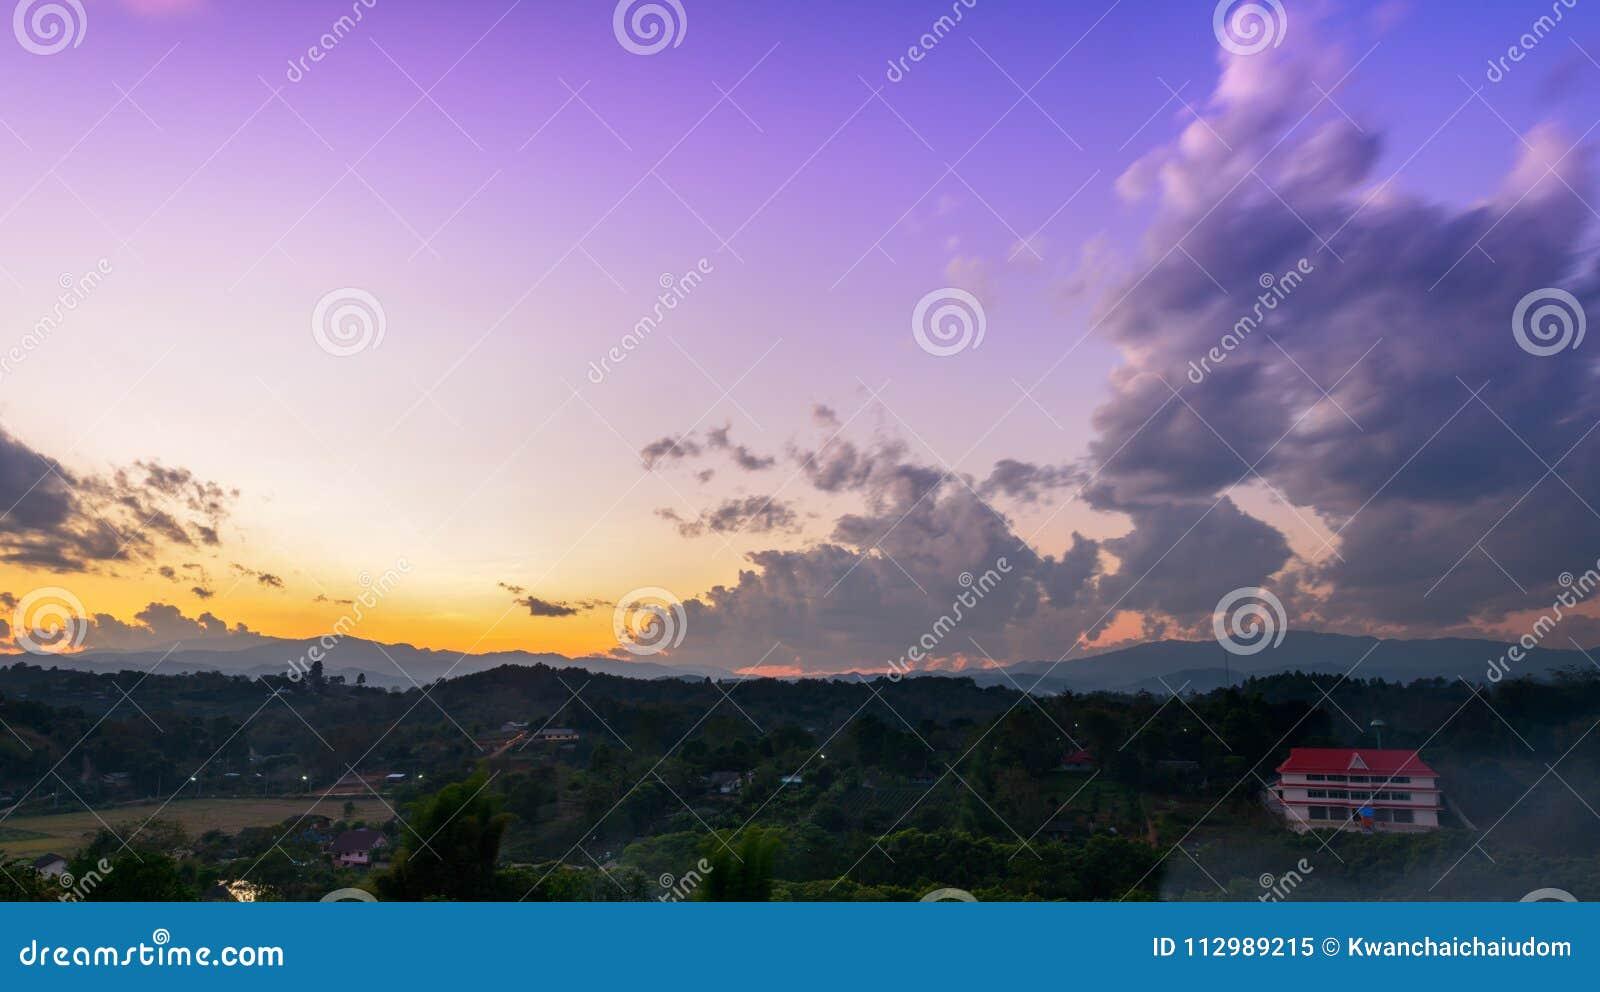 Beautiful twilight sky on mountain